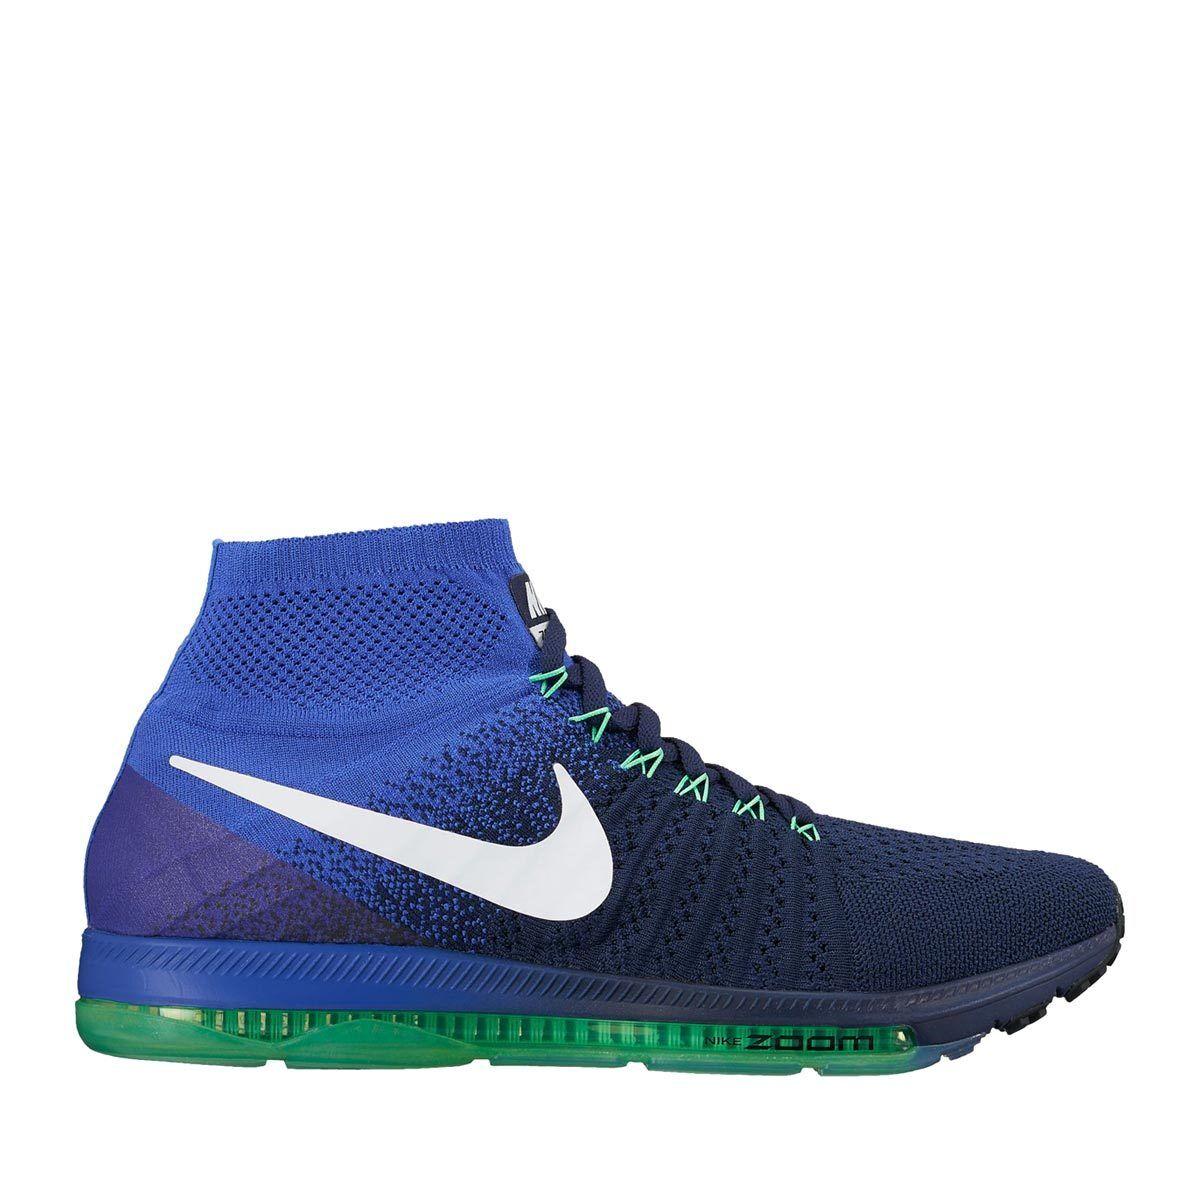 Nike ingrandire tutti fuori flyknit 844134-404 colage marina / / / white Uomo sz 13 714d39